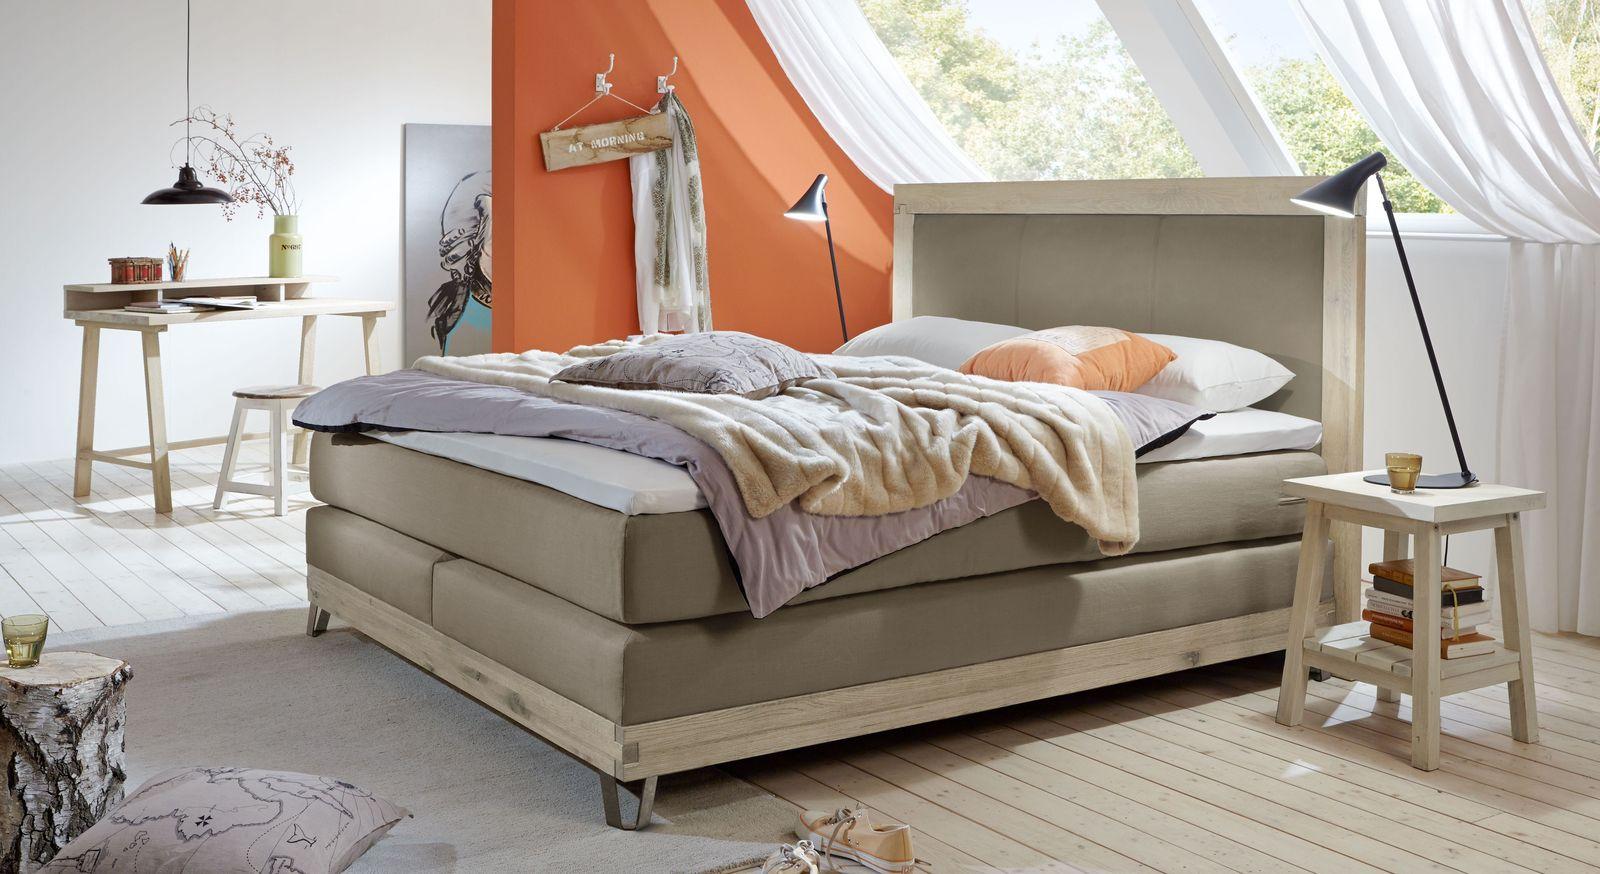 Boxspringbett Zamora mit passender Schlafzimmer-Einrichtung